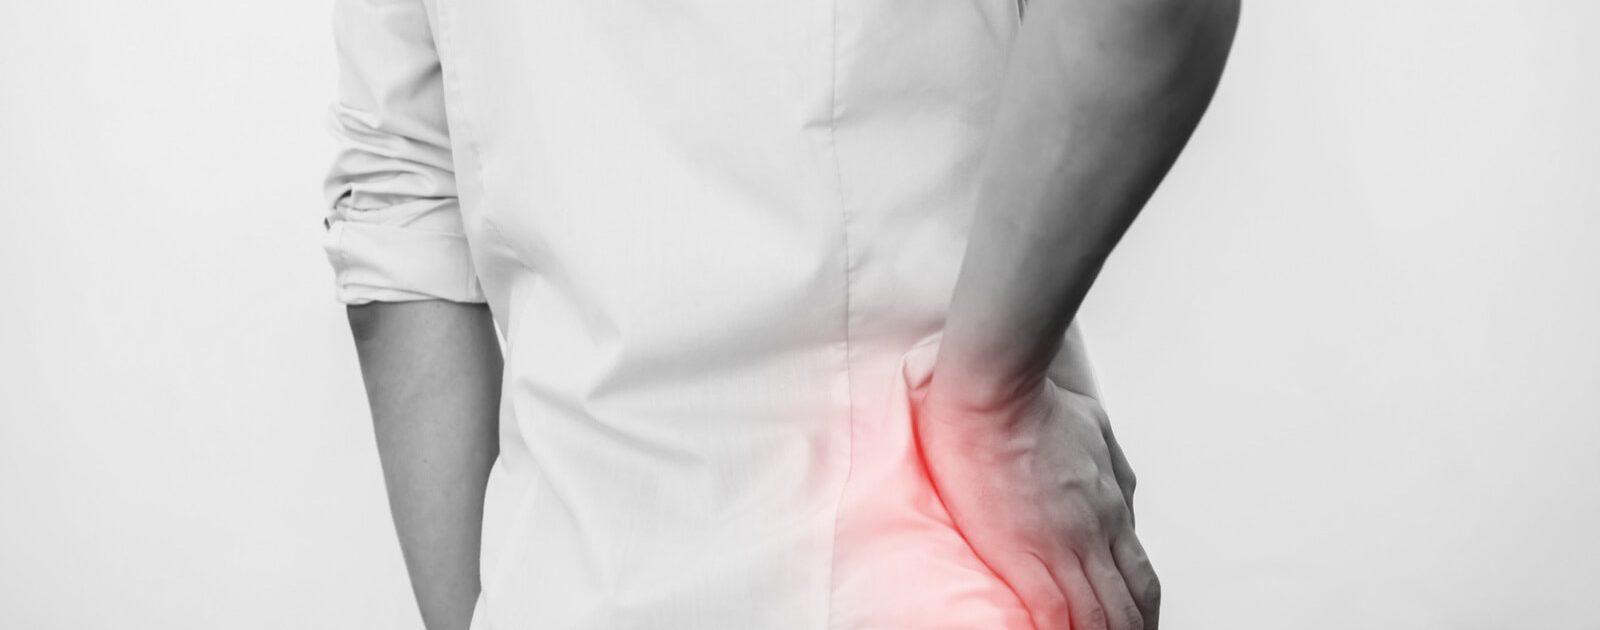 Einem jungen Mann machen Hüftgelenkschmerzen zu schaffen, er hält sich die schmerzende Seite.